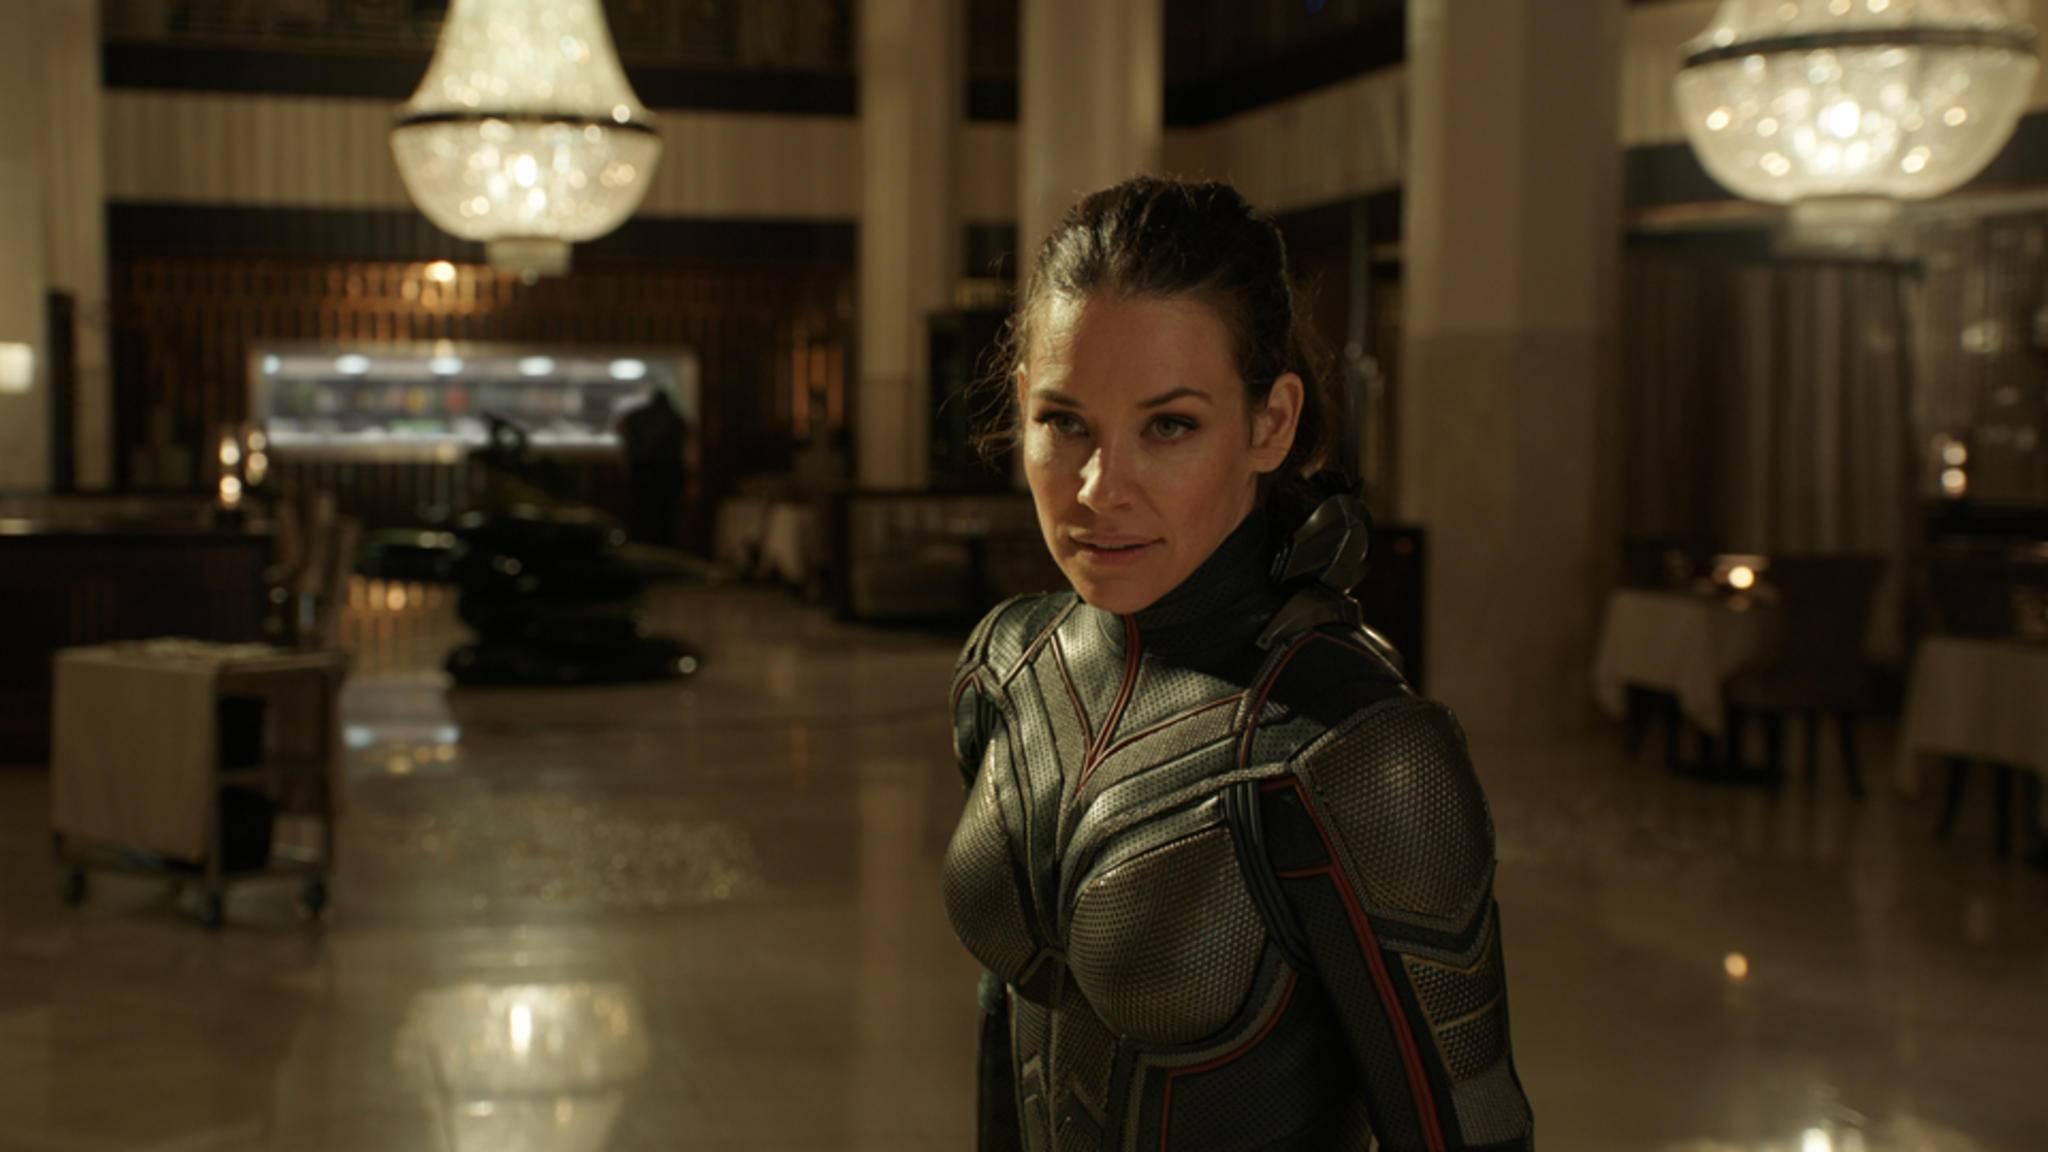 Allein wird the Wasp (Evangeline Lilly) in naher Zukunft wohl nicht in den Kinos landen.